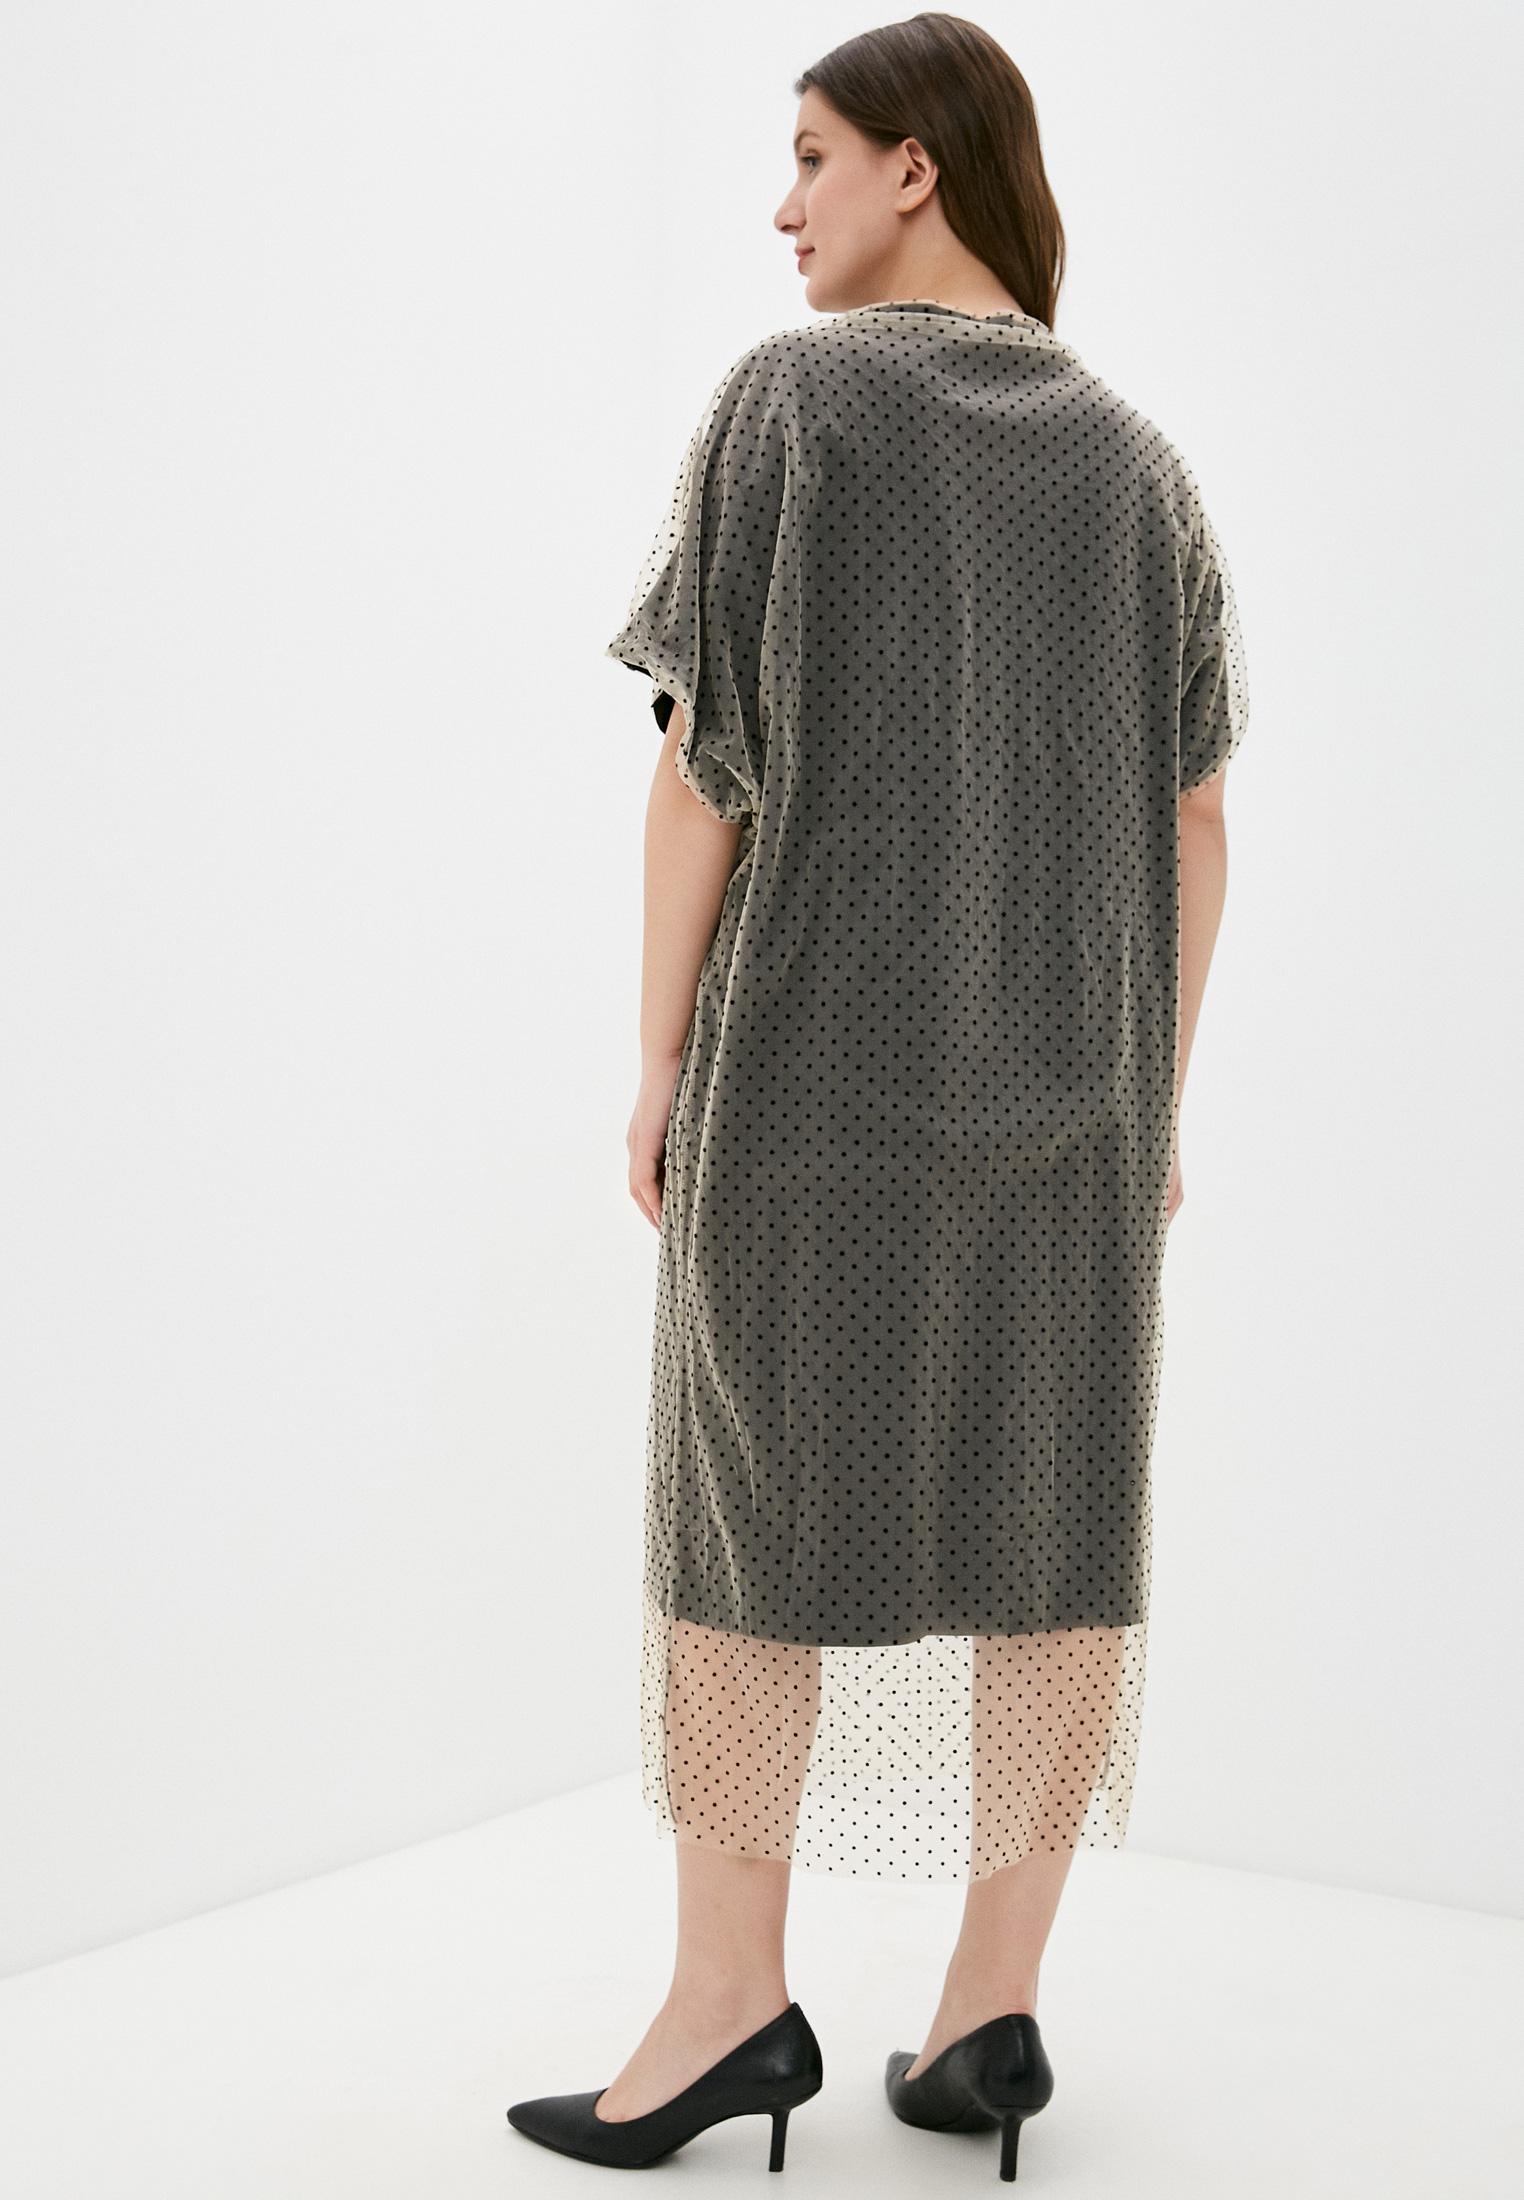 Повседневное платье Nataliy Beate Платье мод.523: изображение 2